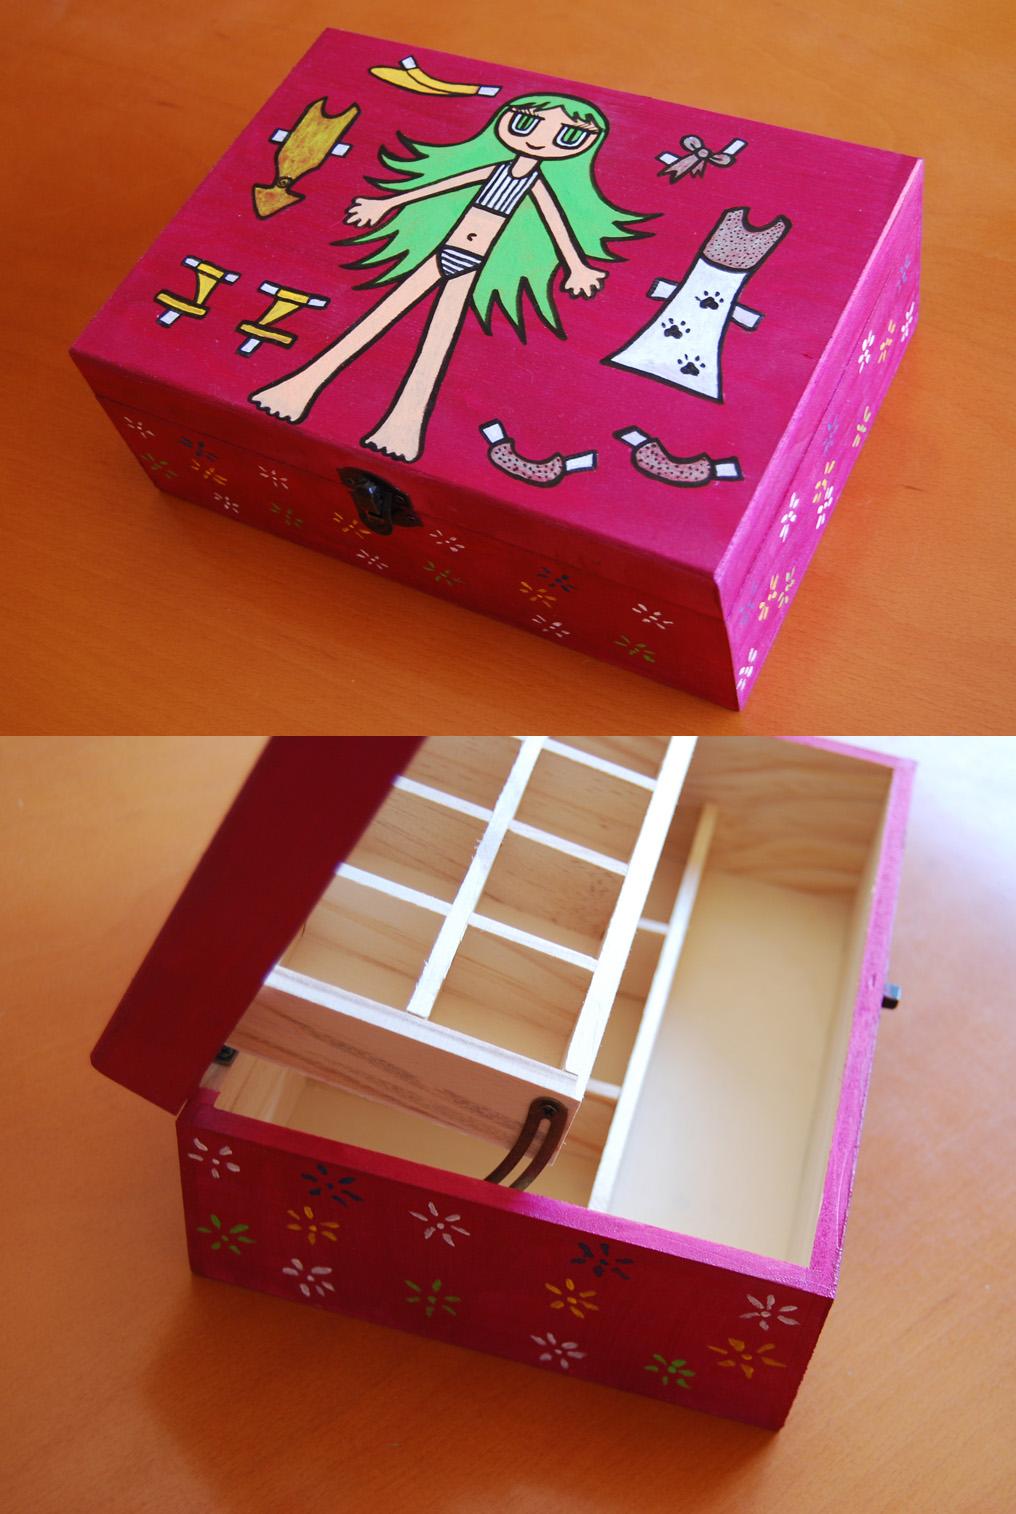 Animalbubble cajas de madera pintadas a mano Pintar caja madera